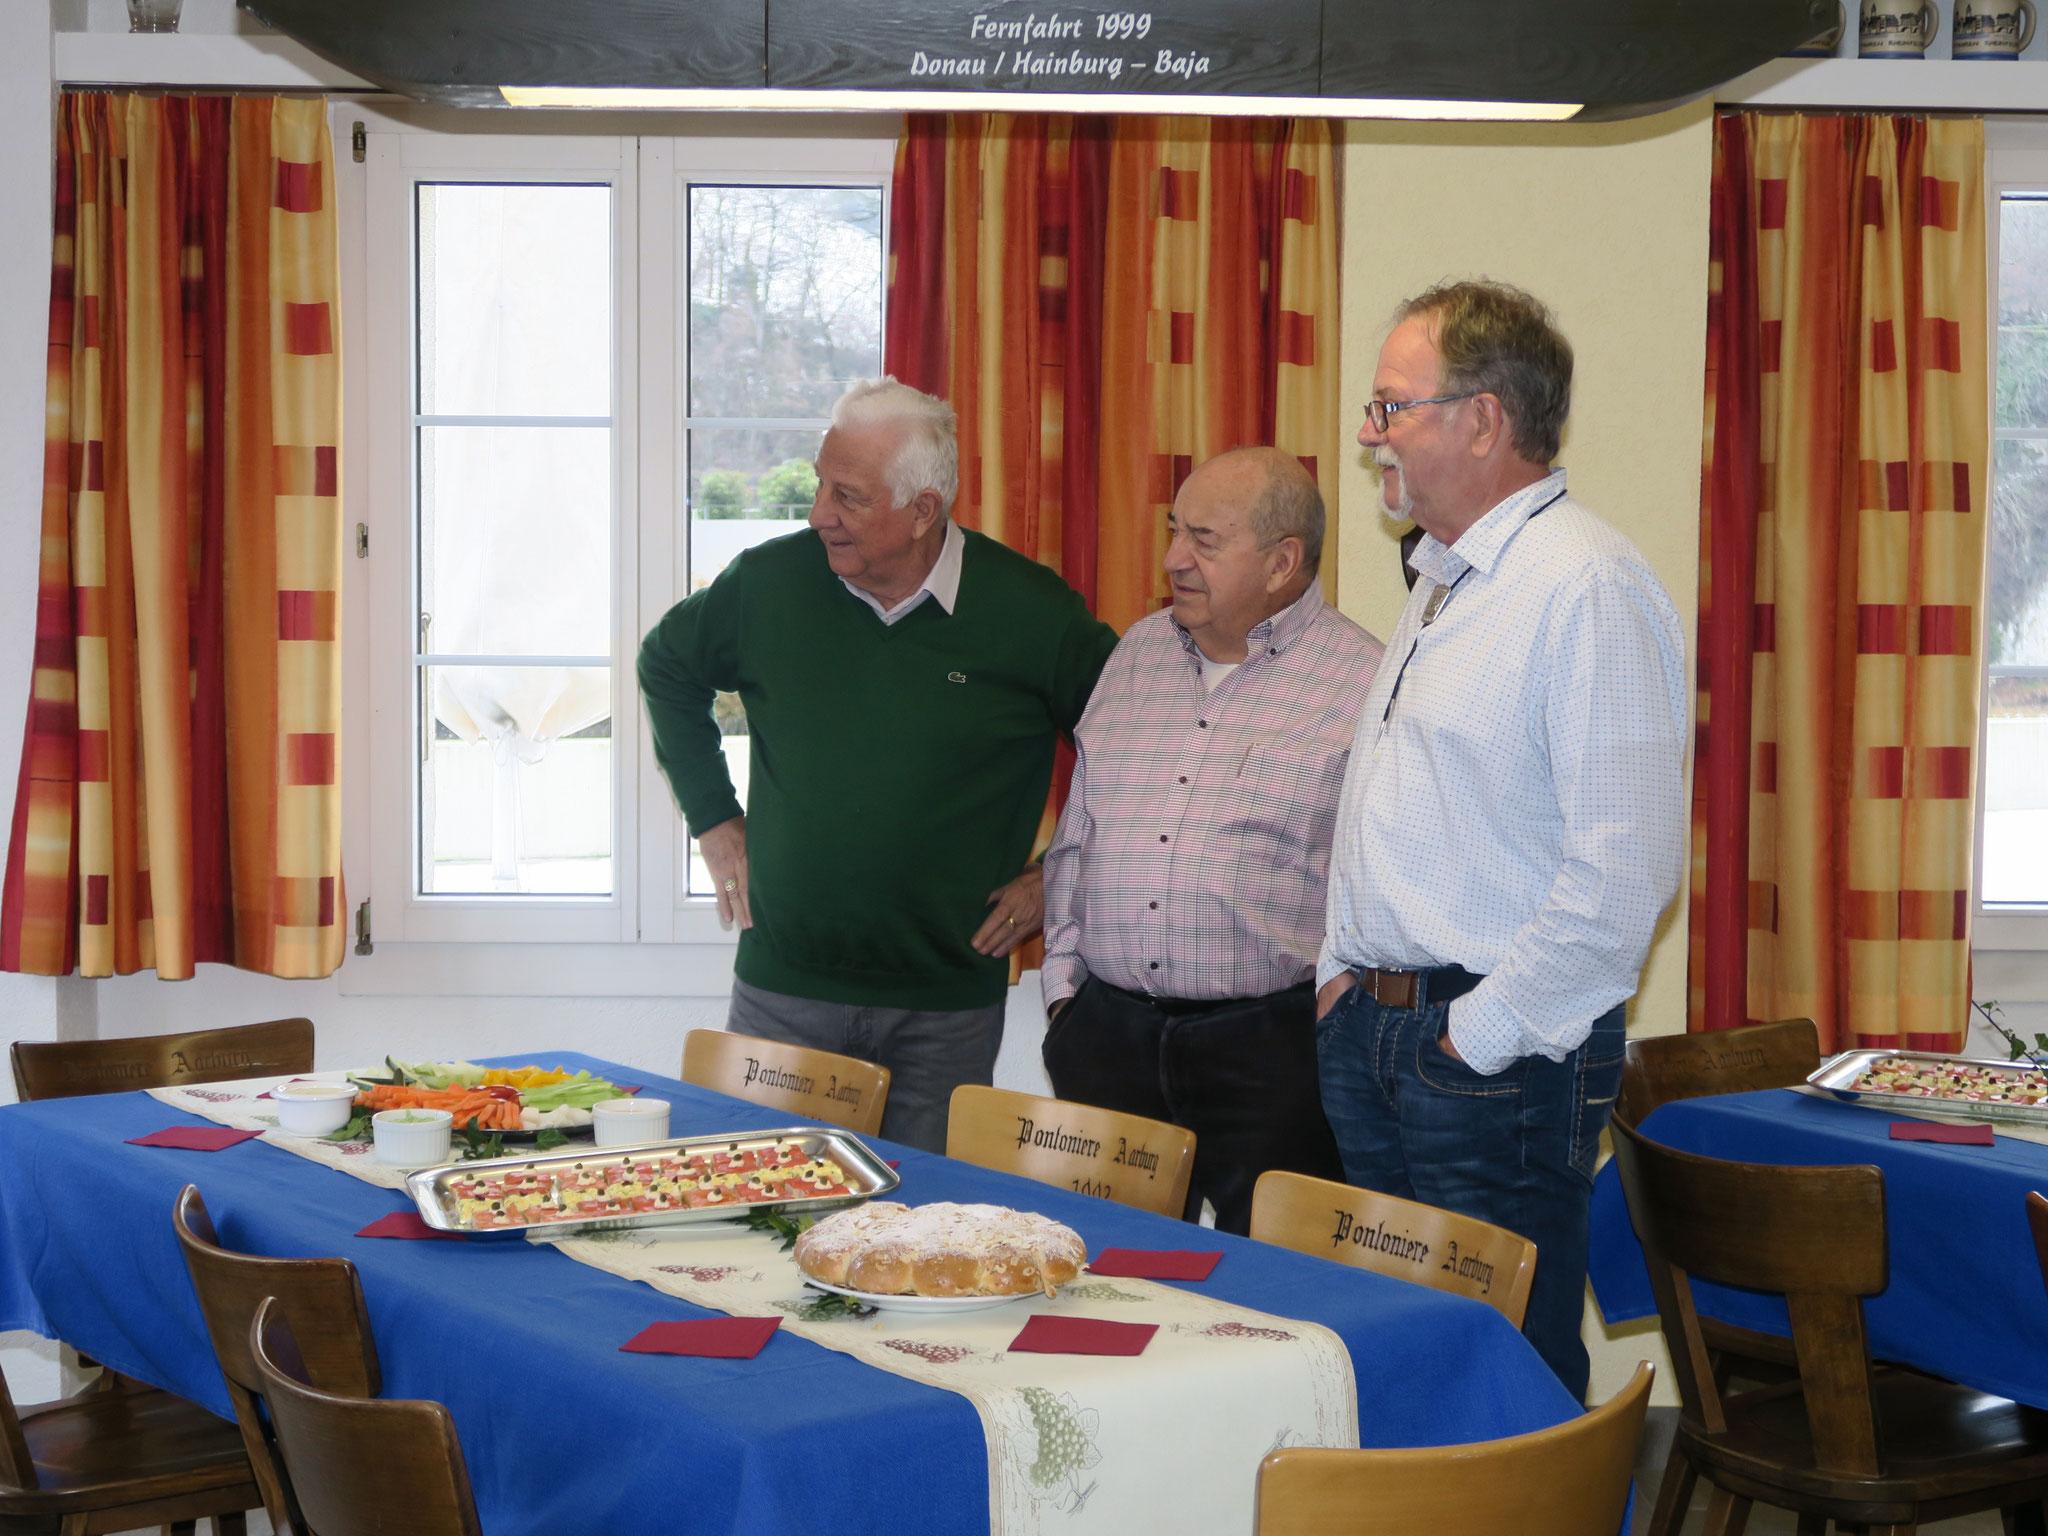 Ehrenfahrchef Ueli Baumann, Ehrenpräsident Ernst Dullinger und Ehrenmitglied Werner Eichenberger